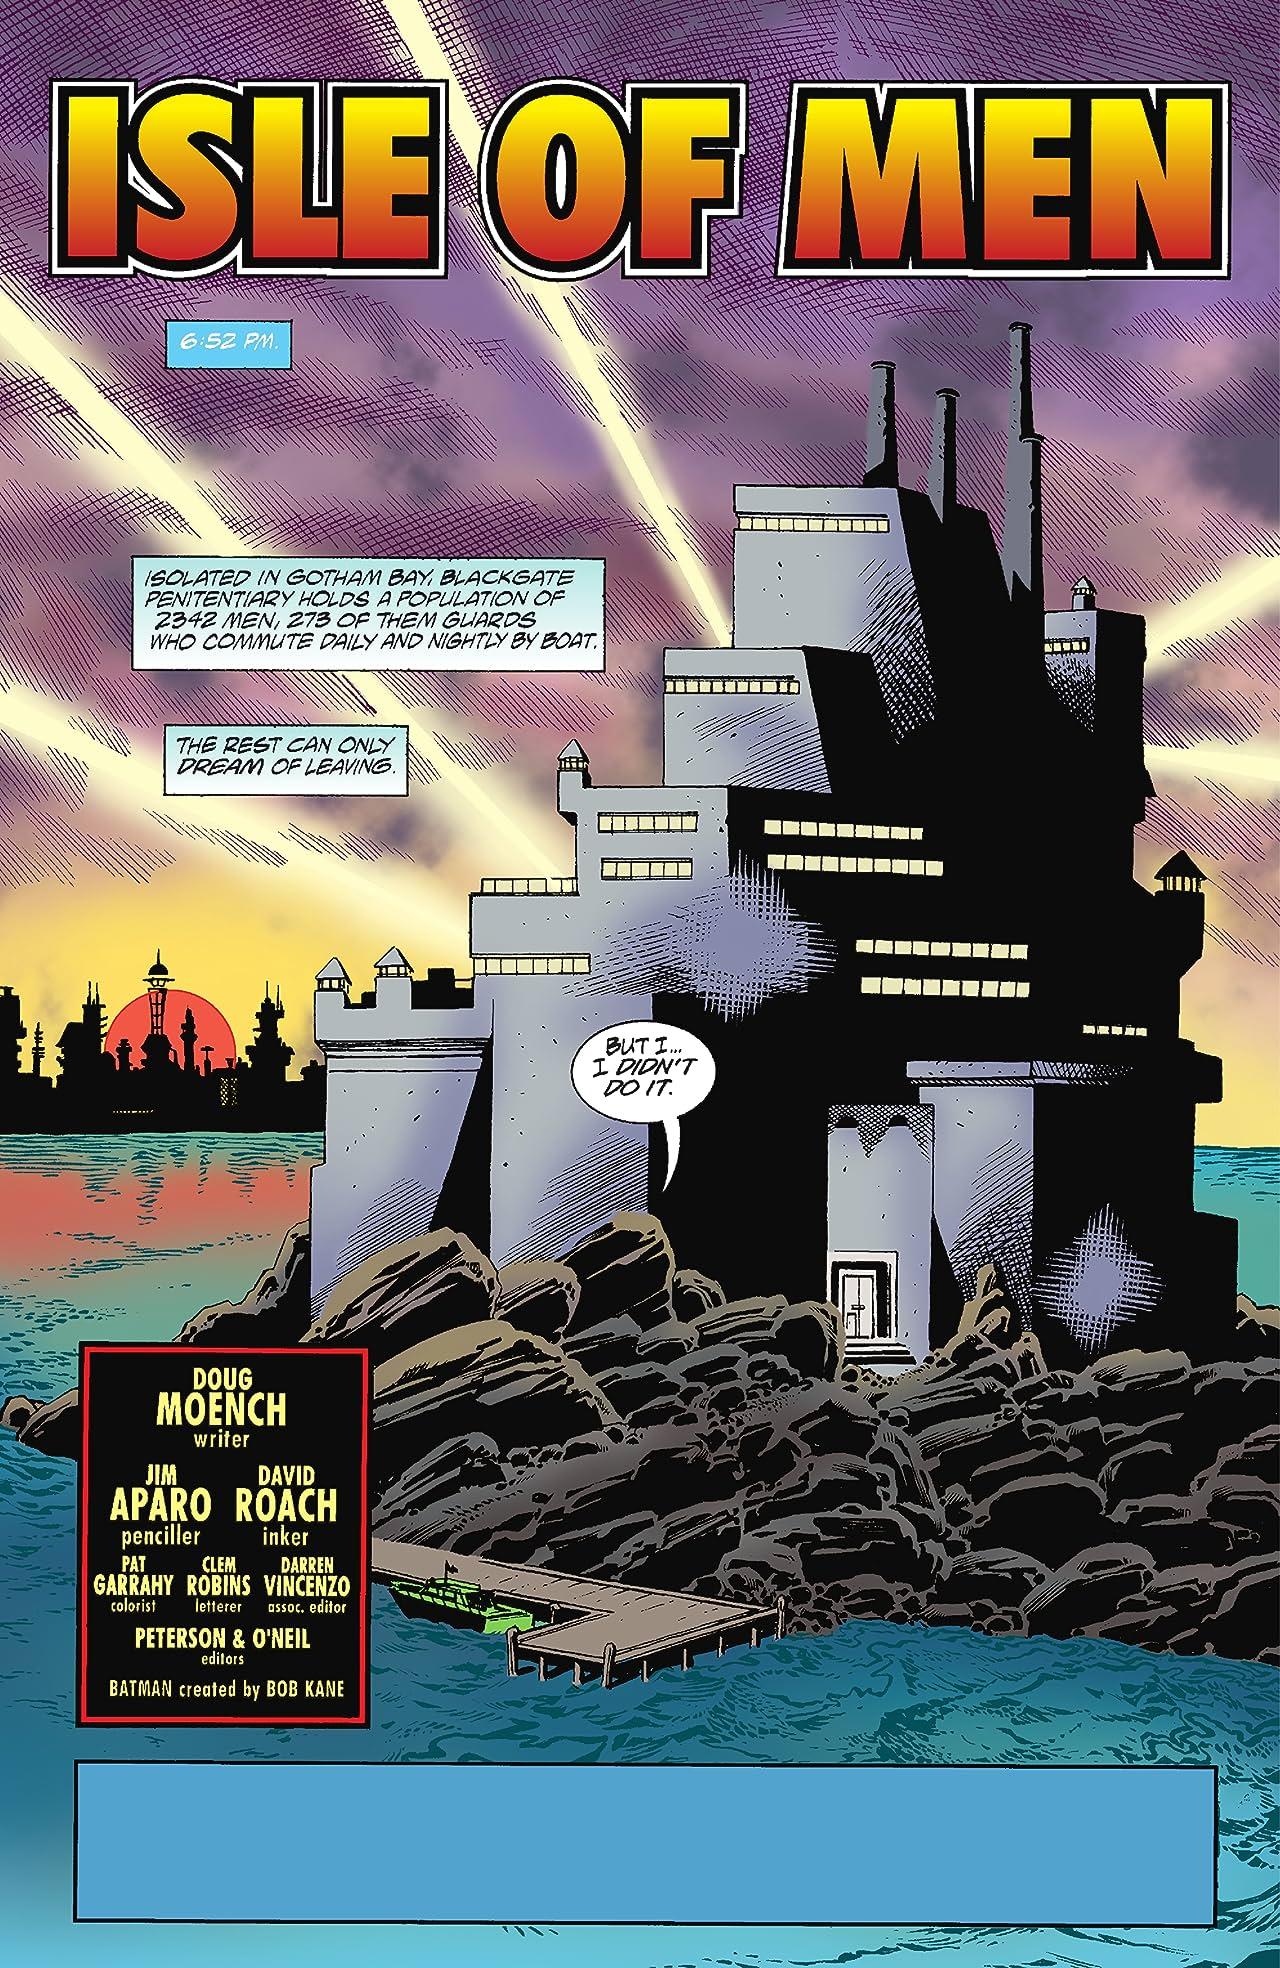 Batman: Blackgate - Isle of Men (1998) #1